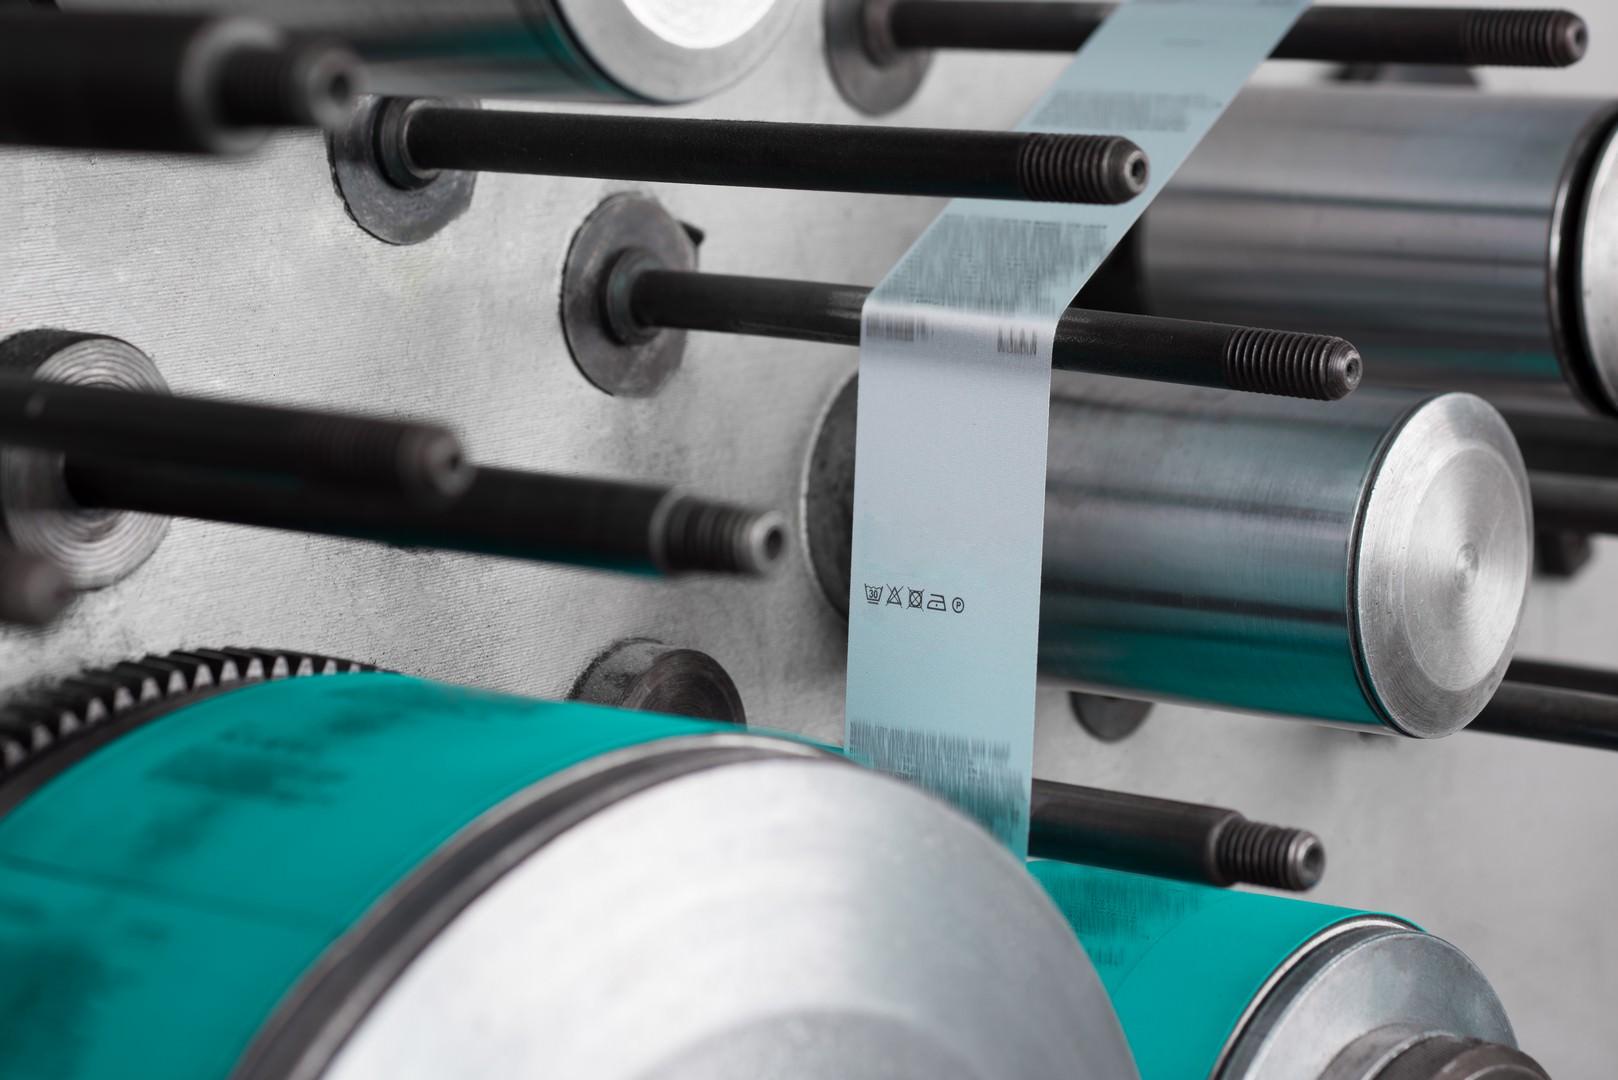 L'entreprise Assistech28, installée en Eure-et-Loir (28), est experte en automatismes industriels dont elle assure la conception, la réalisation et la maintenance pour tous les secteurs d'activité : agro-industrie, agroalimentaire, cosmétique, pharmacie, automobile, etc.